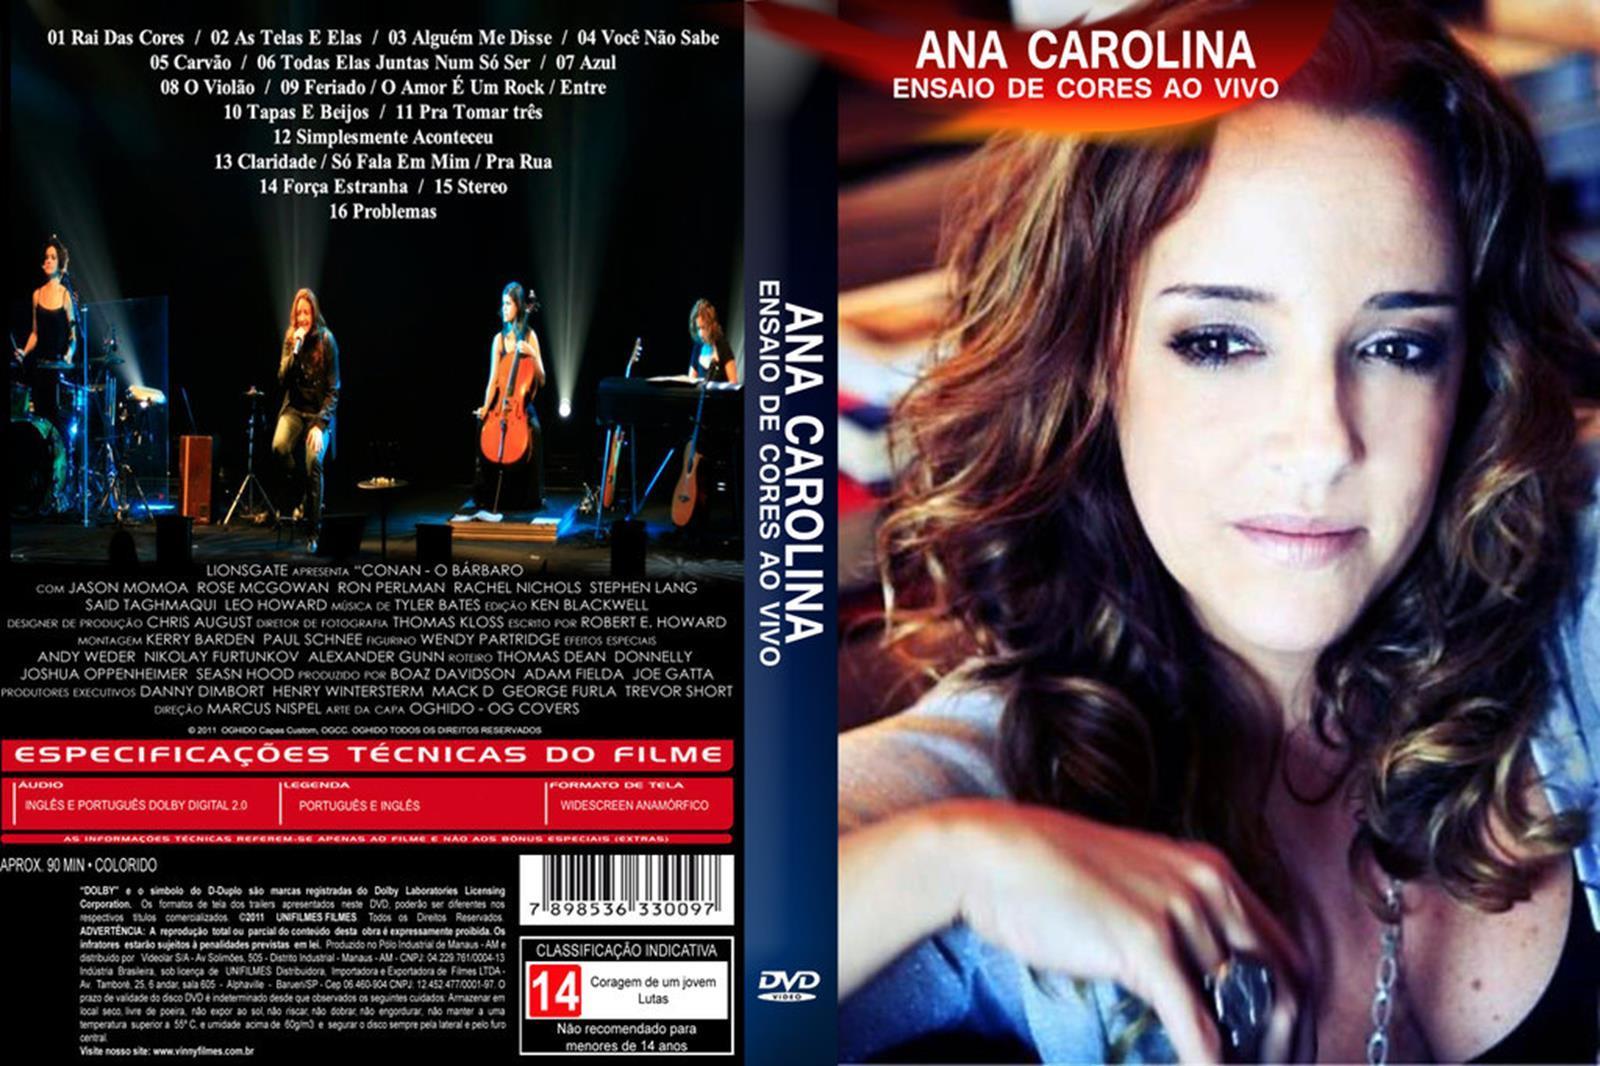 capa dvd ana carolina ensaio de cores